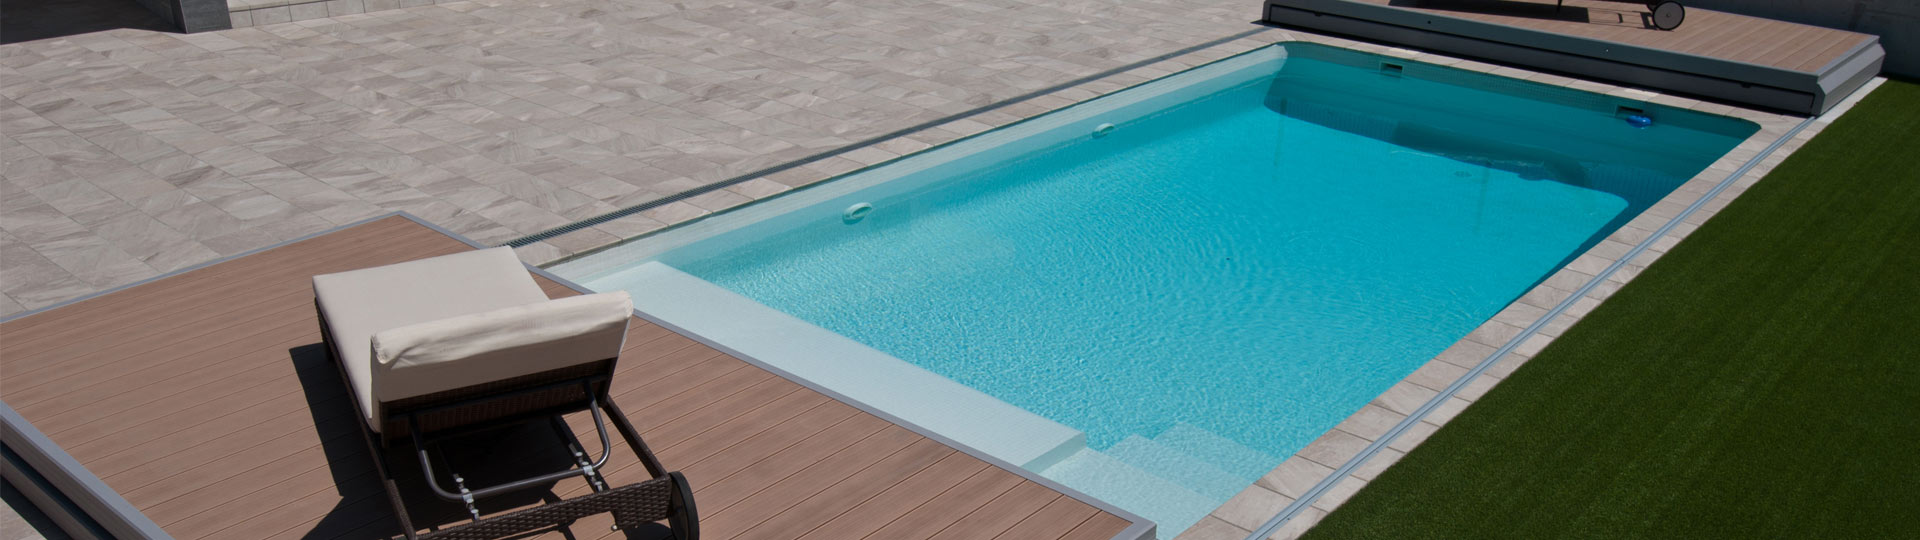 tipos-cubiertas-piscinas-cupulas